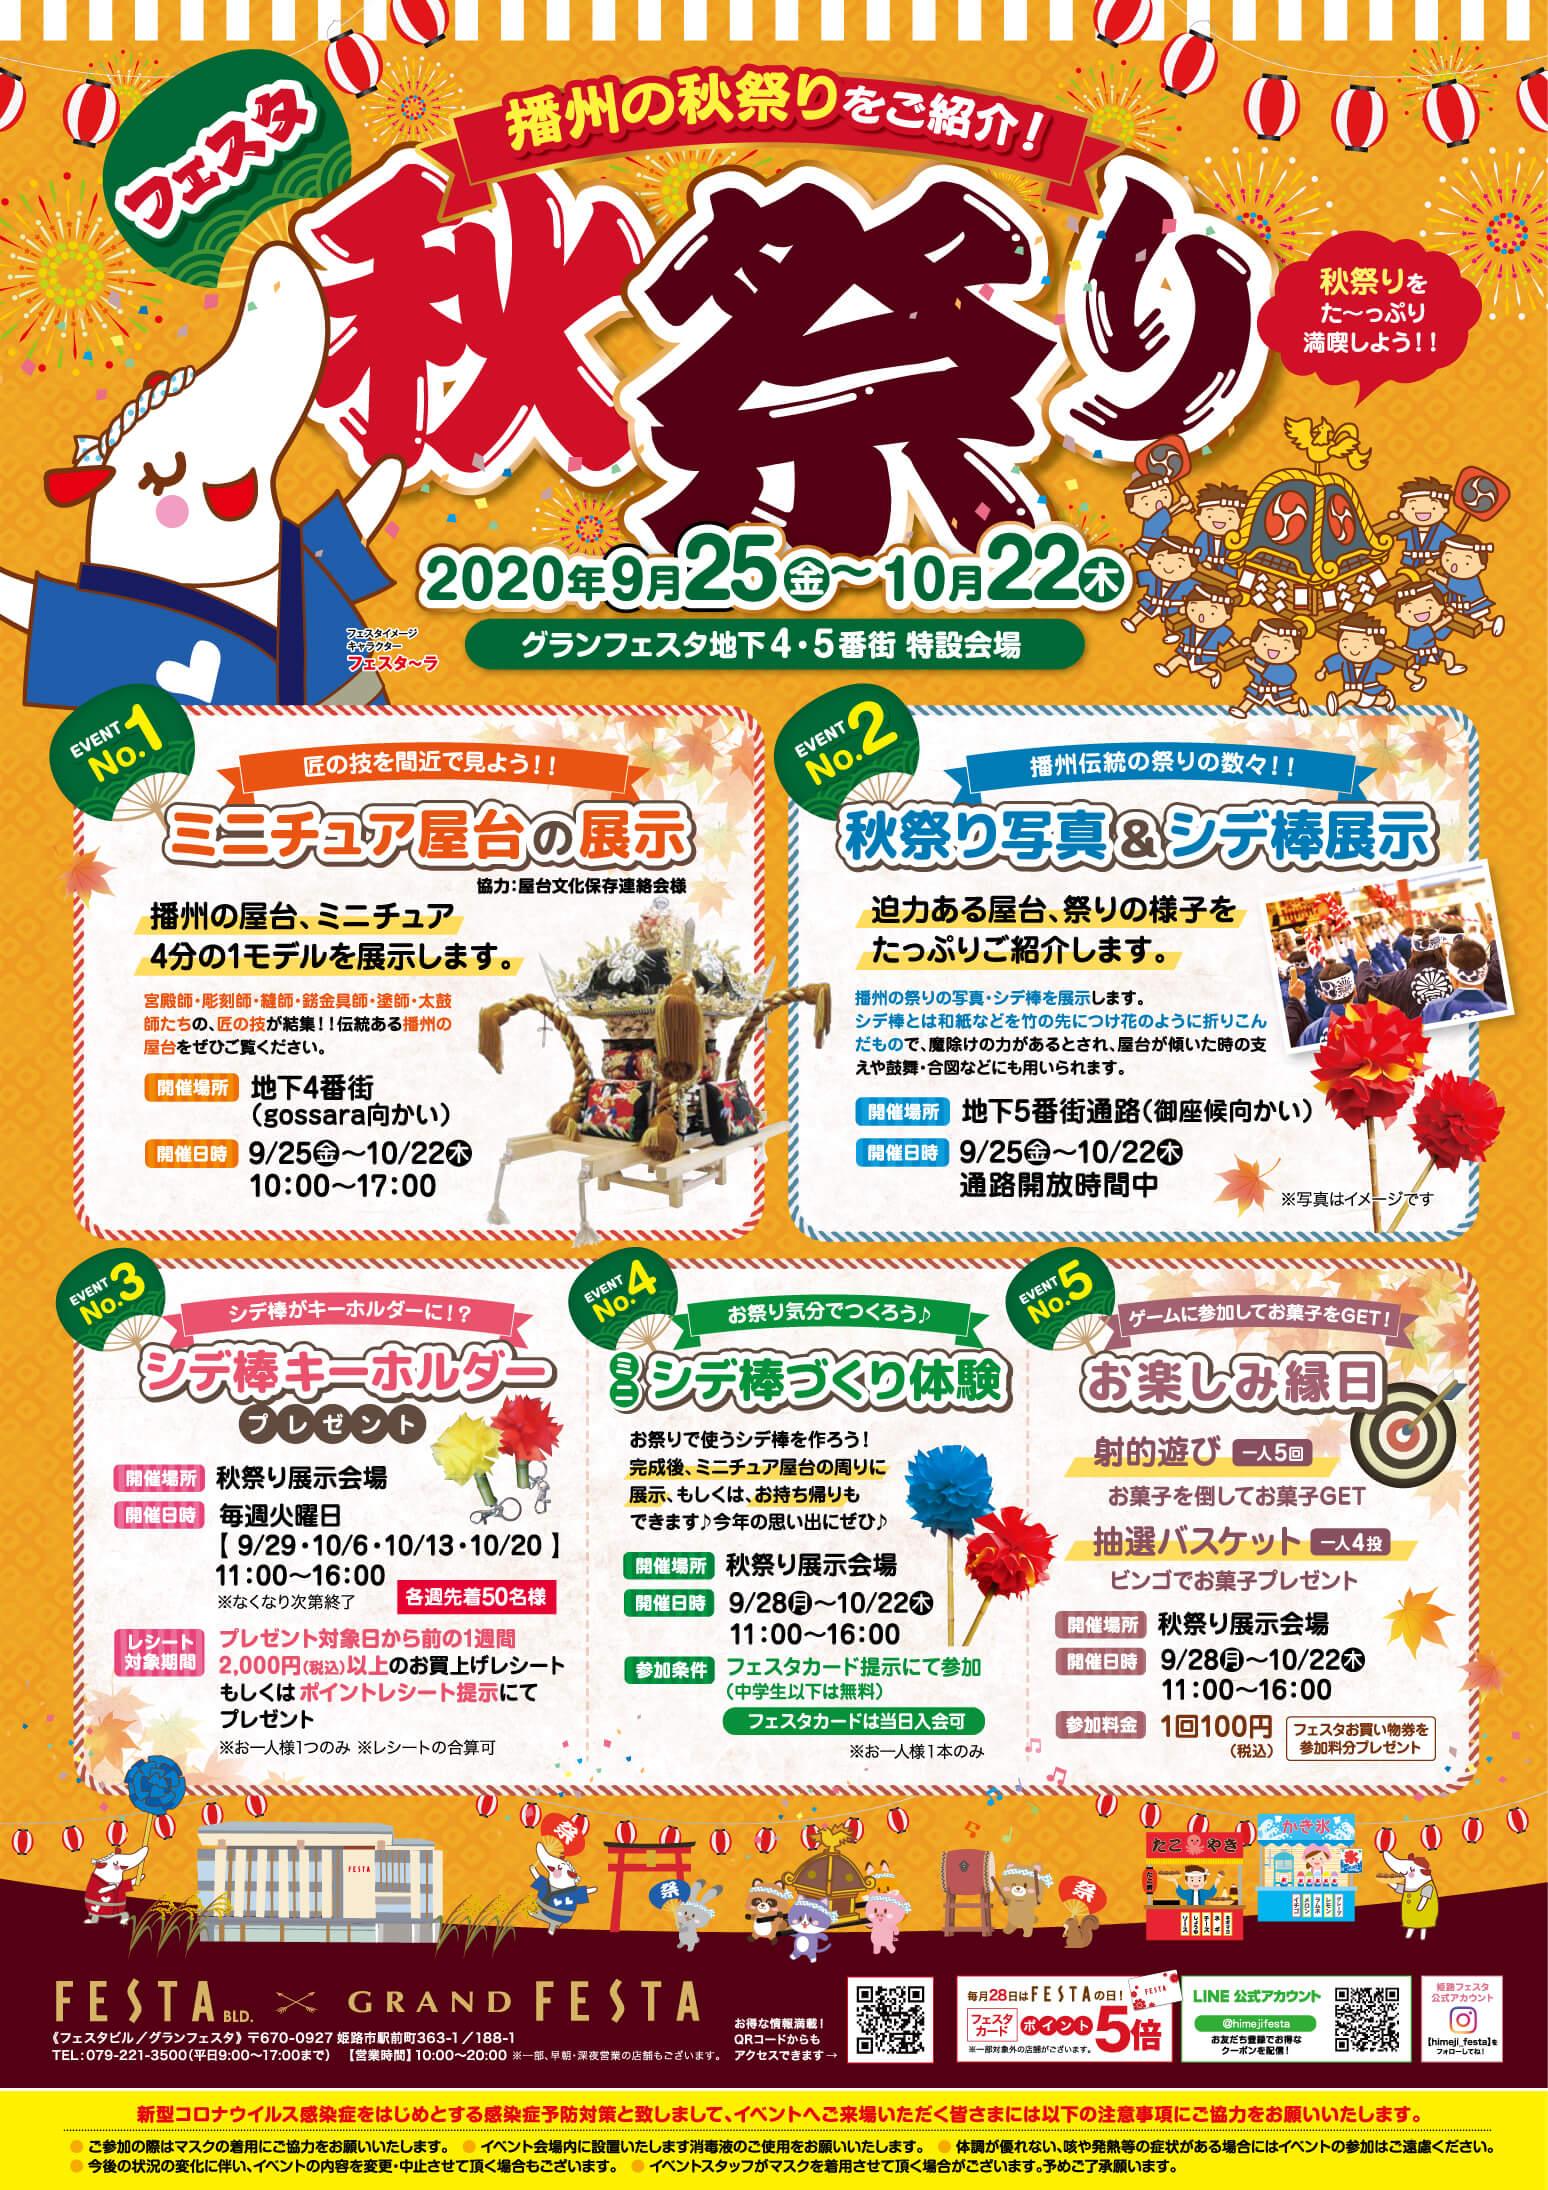 フェスタ秋祭りの詳細